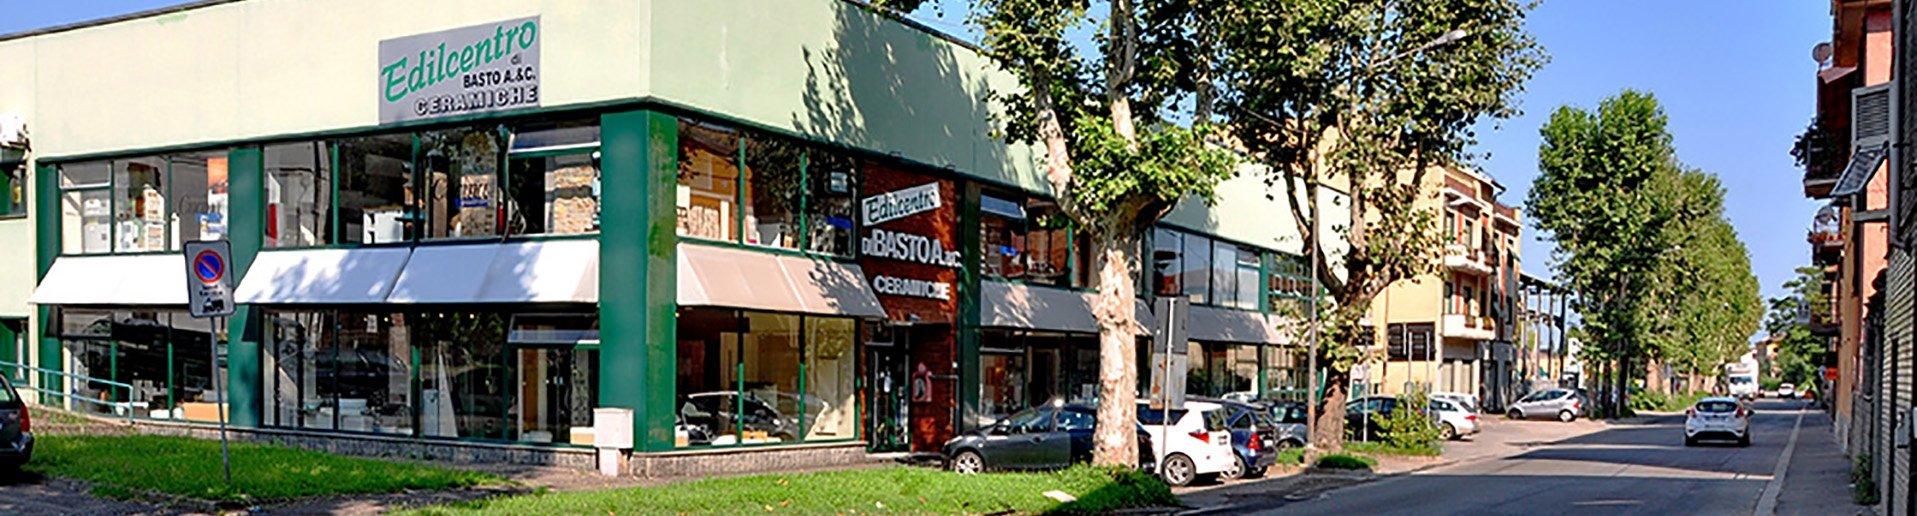 vendita al dettaglio di piastrelle - novi ligure, alessandria ... - Arredo Bagno Alessandria E Provincia